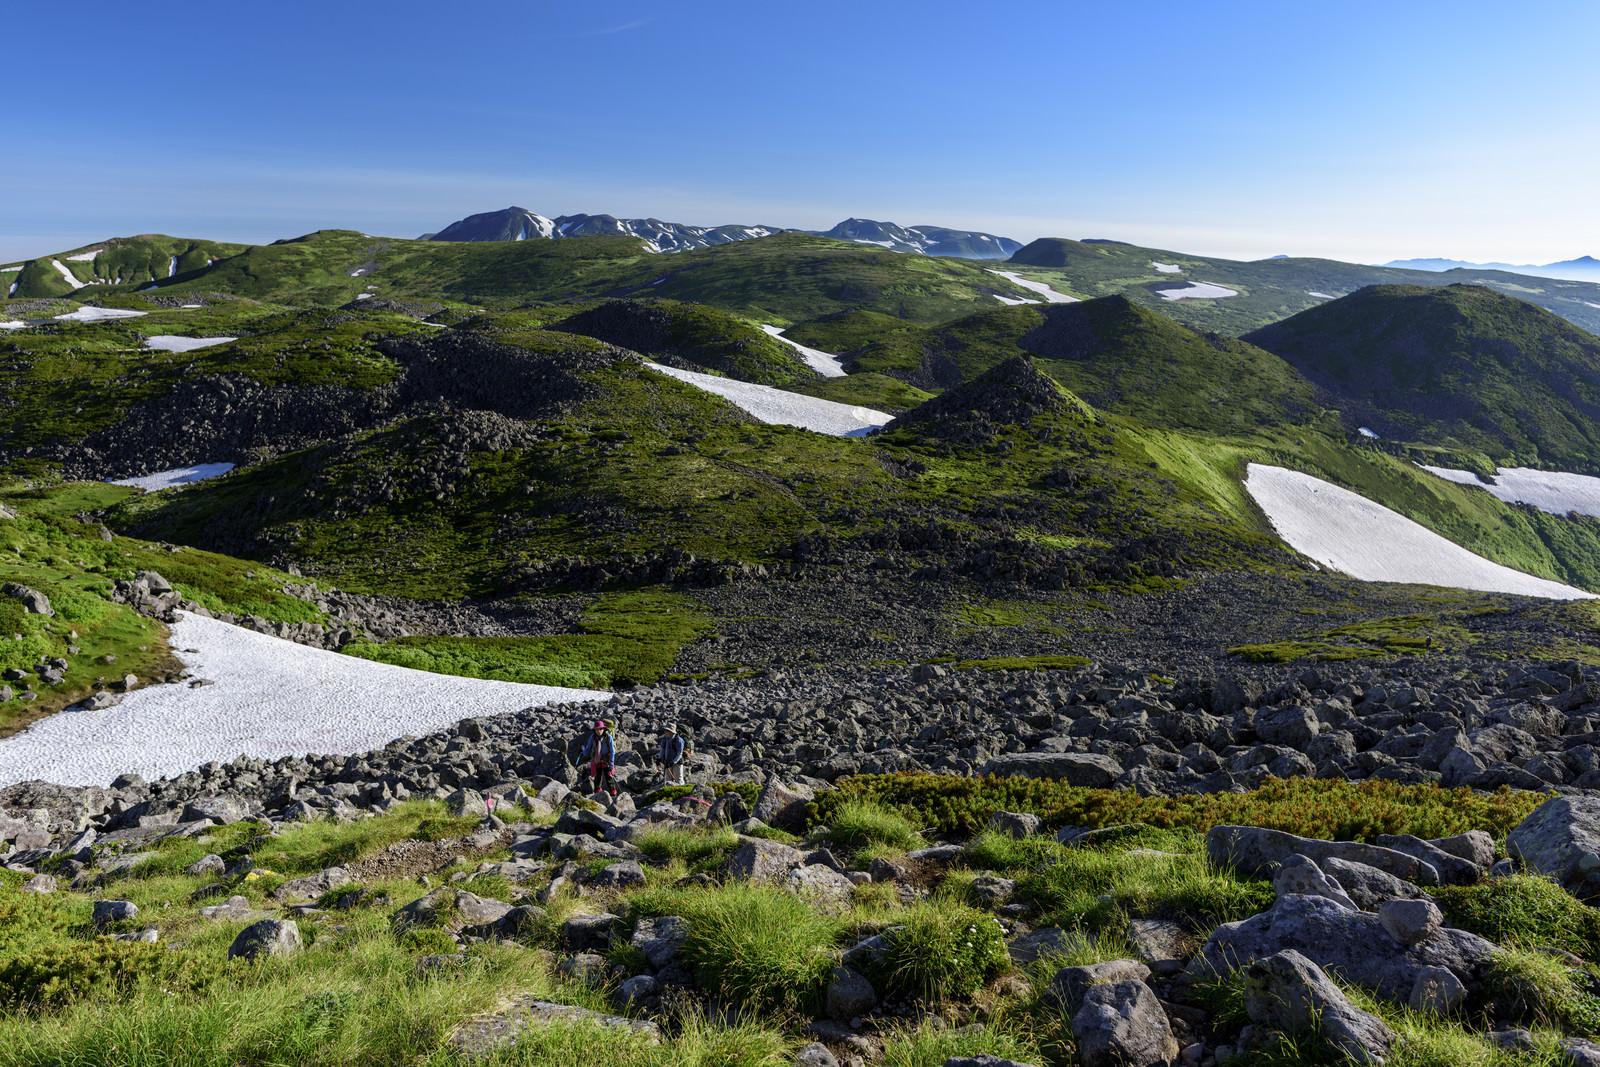 「大雪山日本庭園から見る大雪山北部旭岳方面」の写真